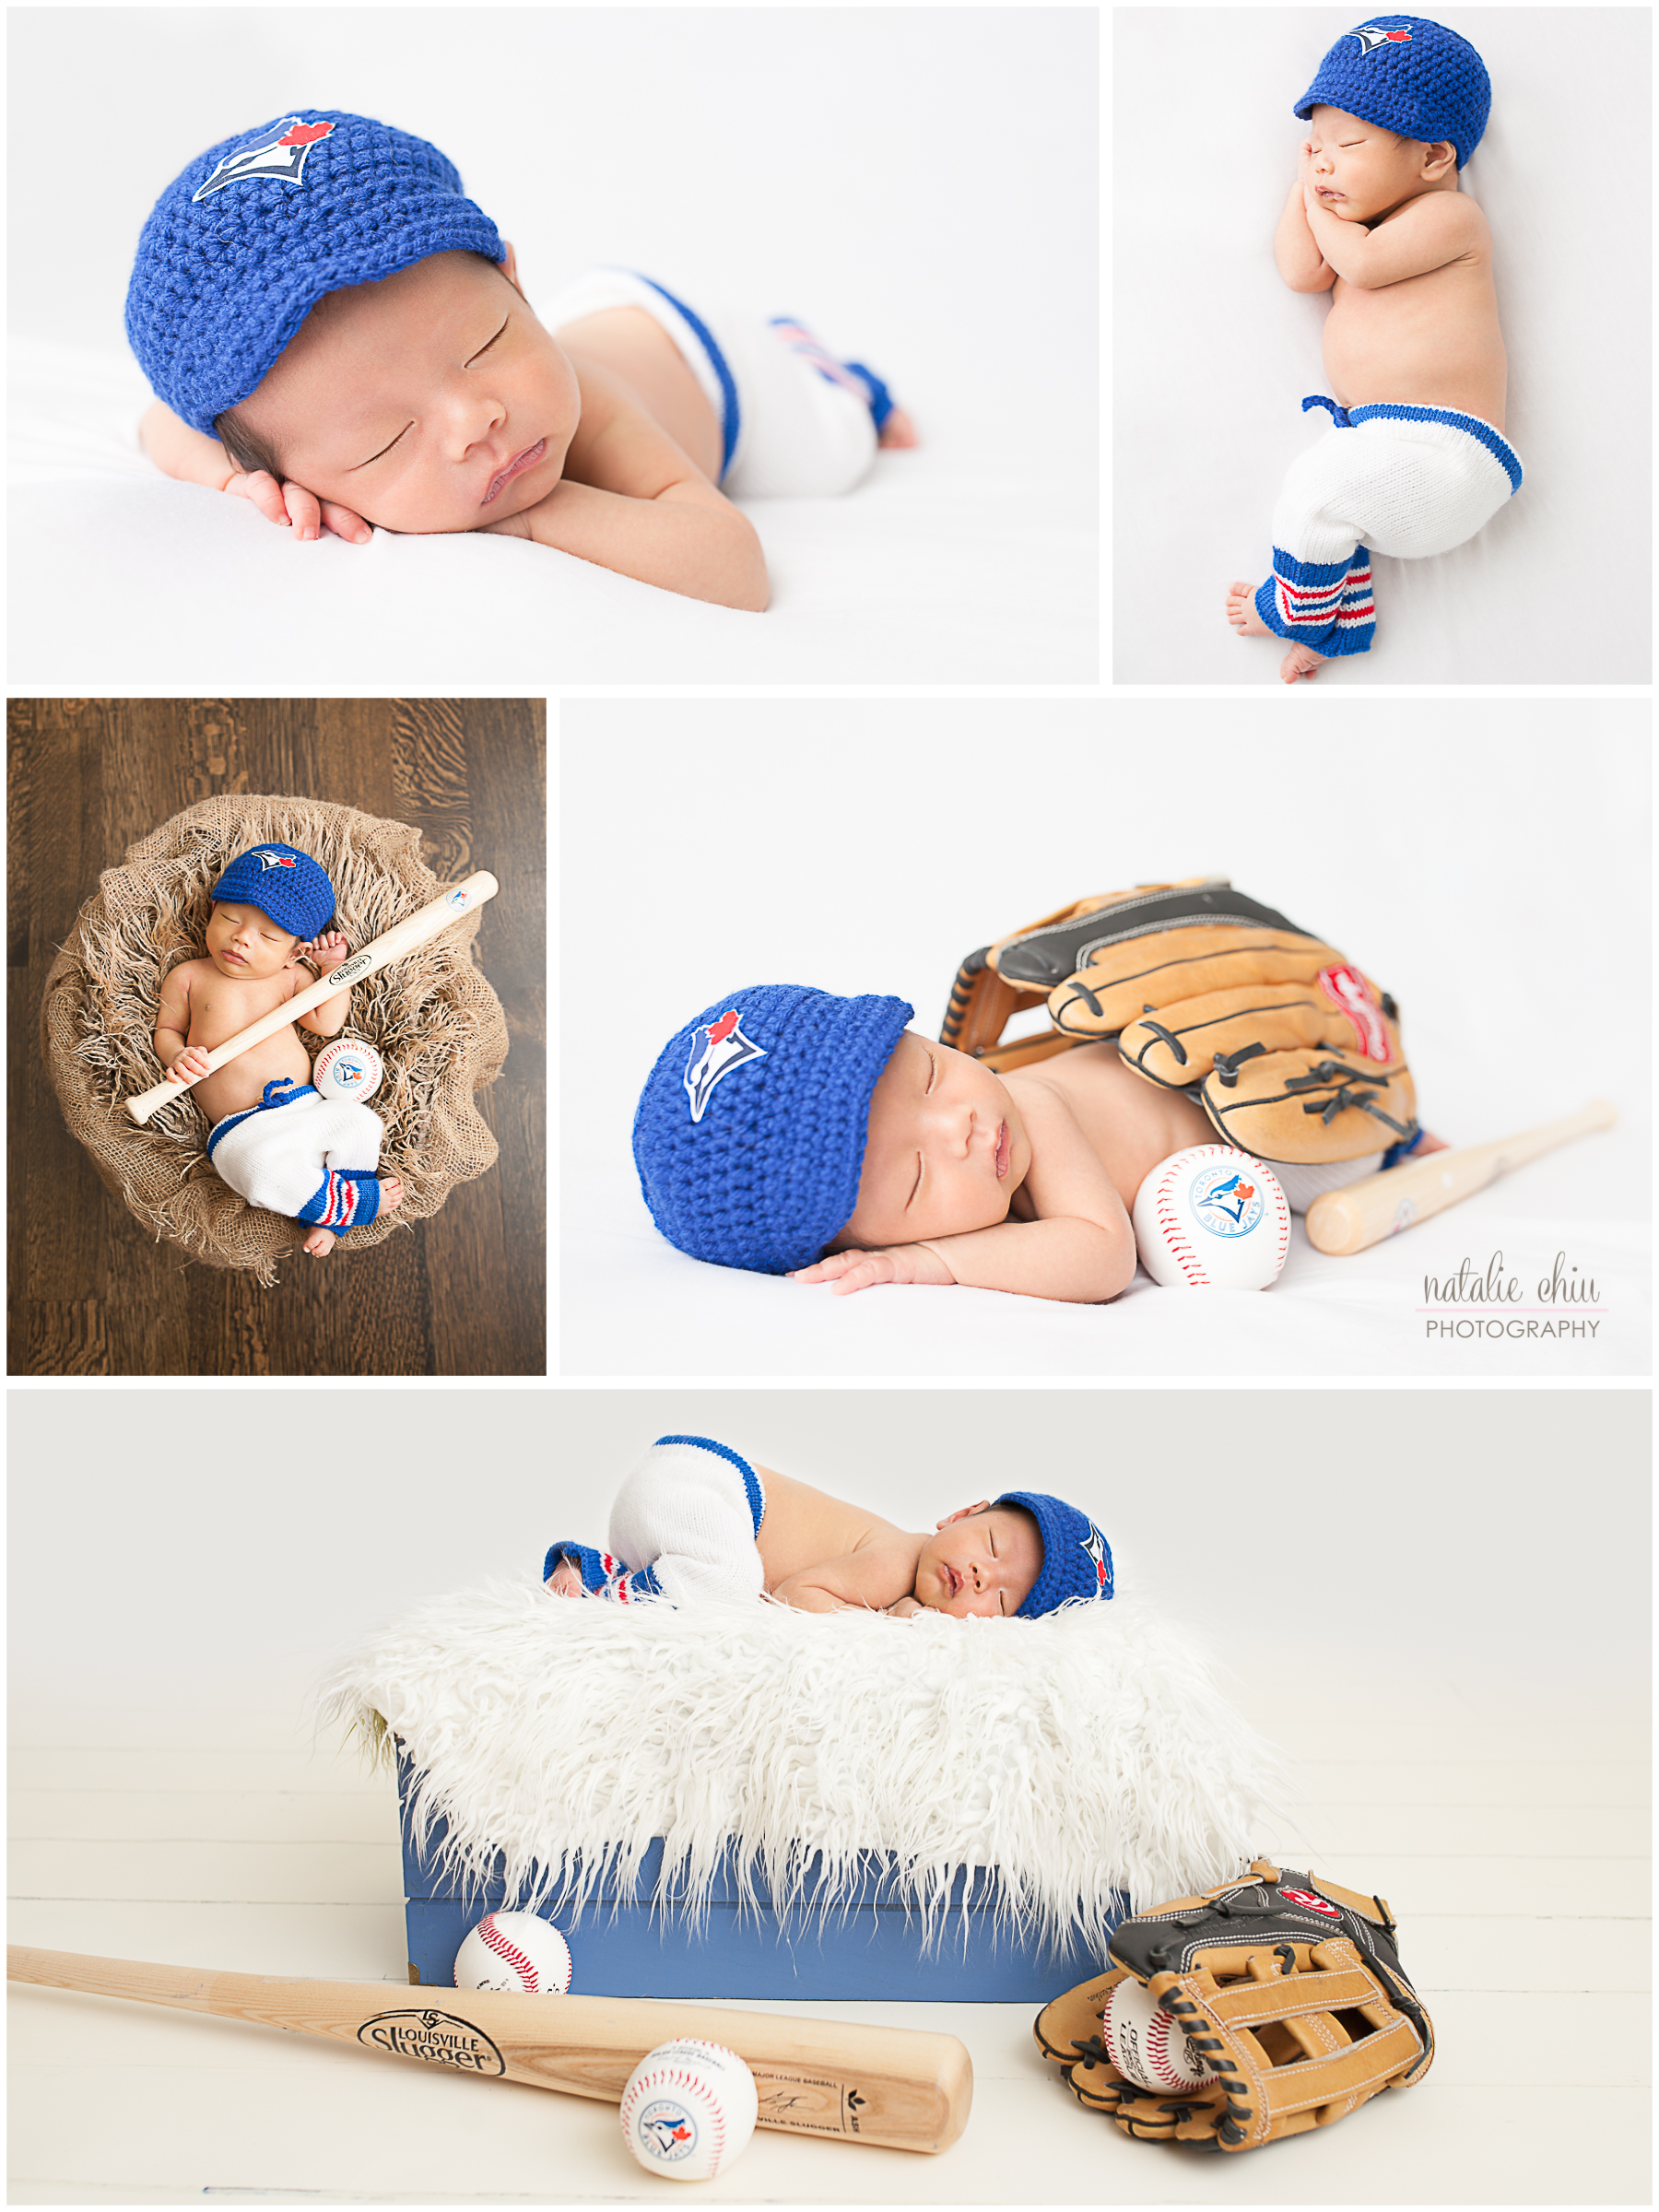 new product b1cca 17491 Natalie Chiu Photography Go Jays Go! A Newborn Toronto Blue ...